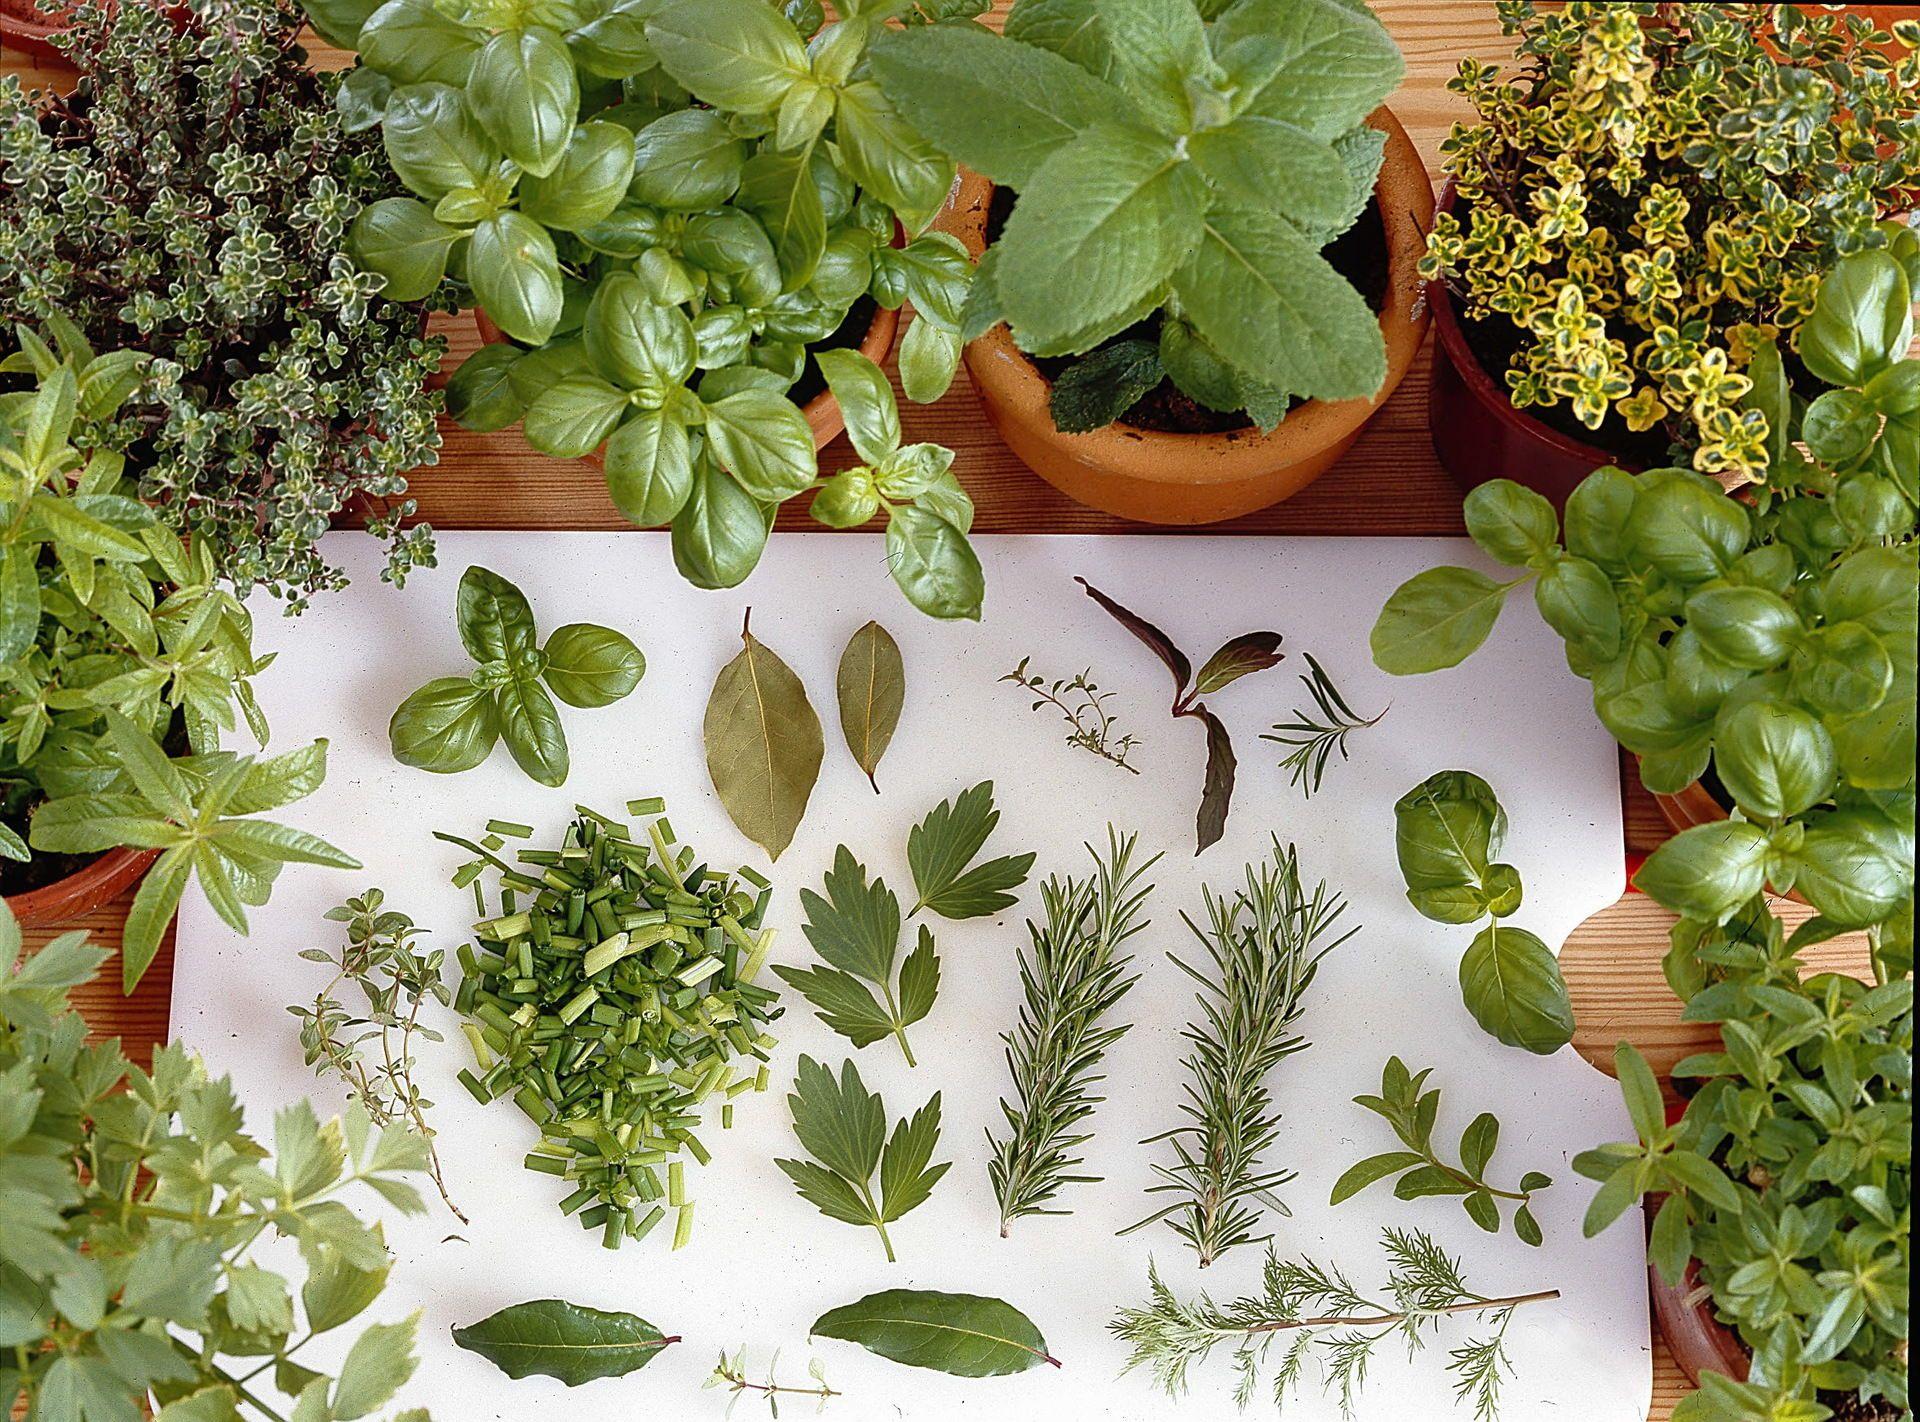 вуайерист порно фото пряных растений с названиями и цветами строению визуально